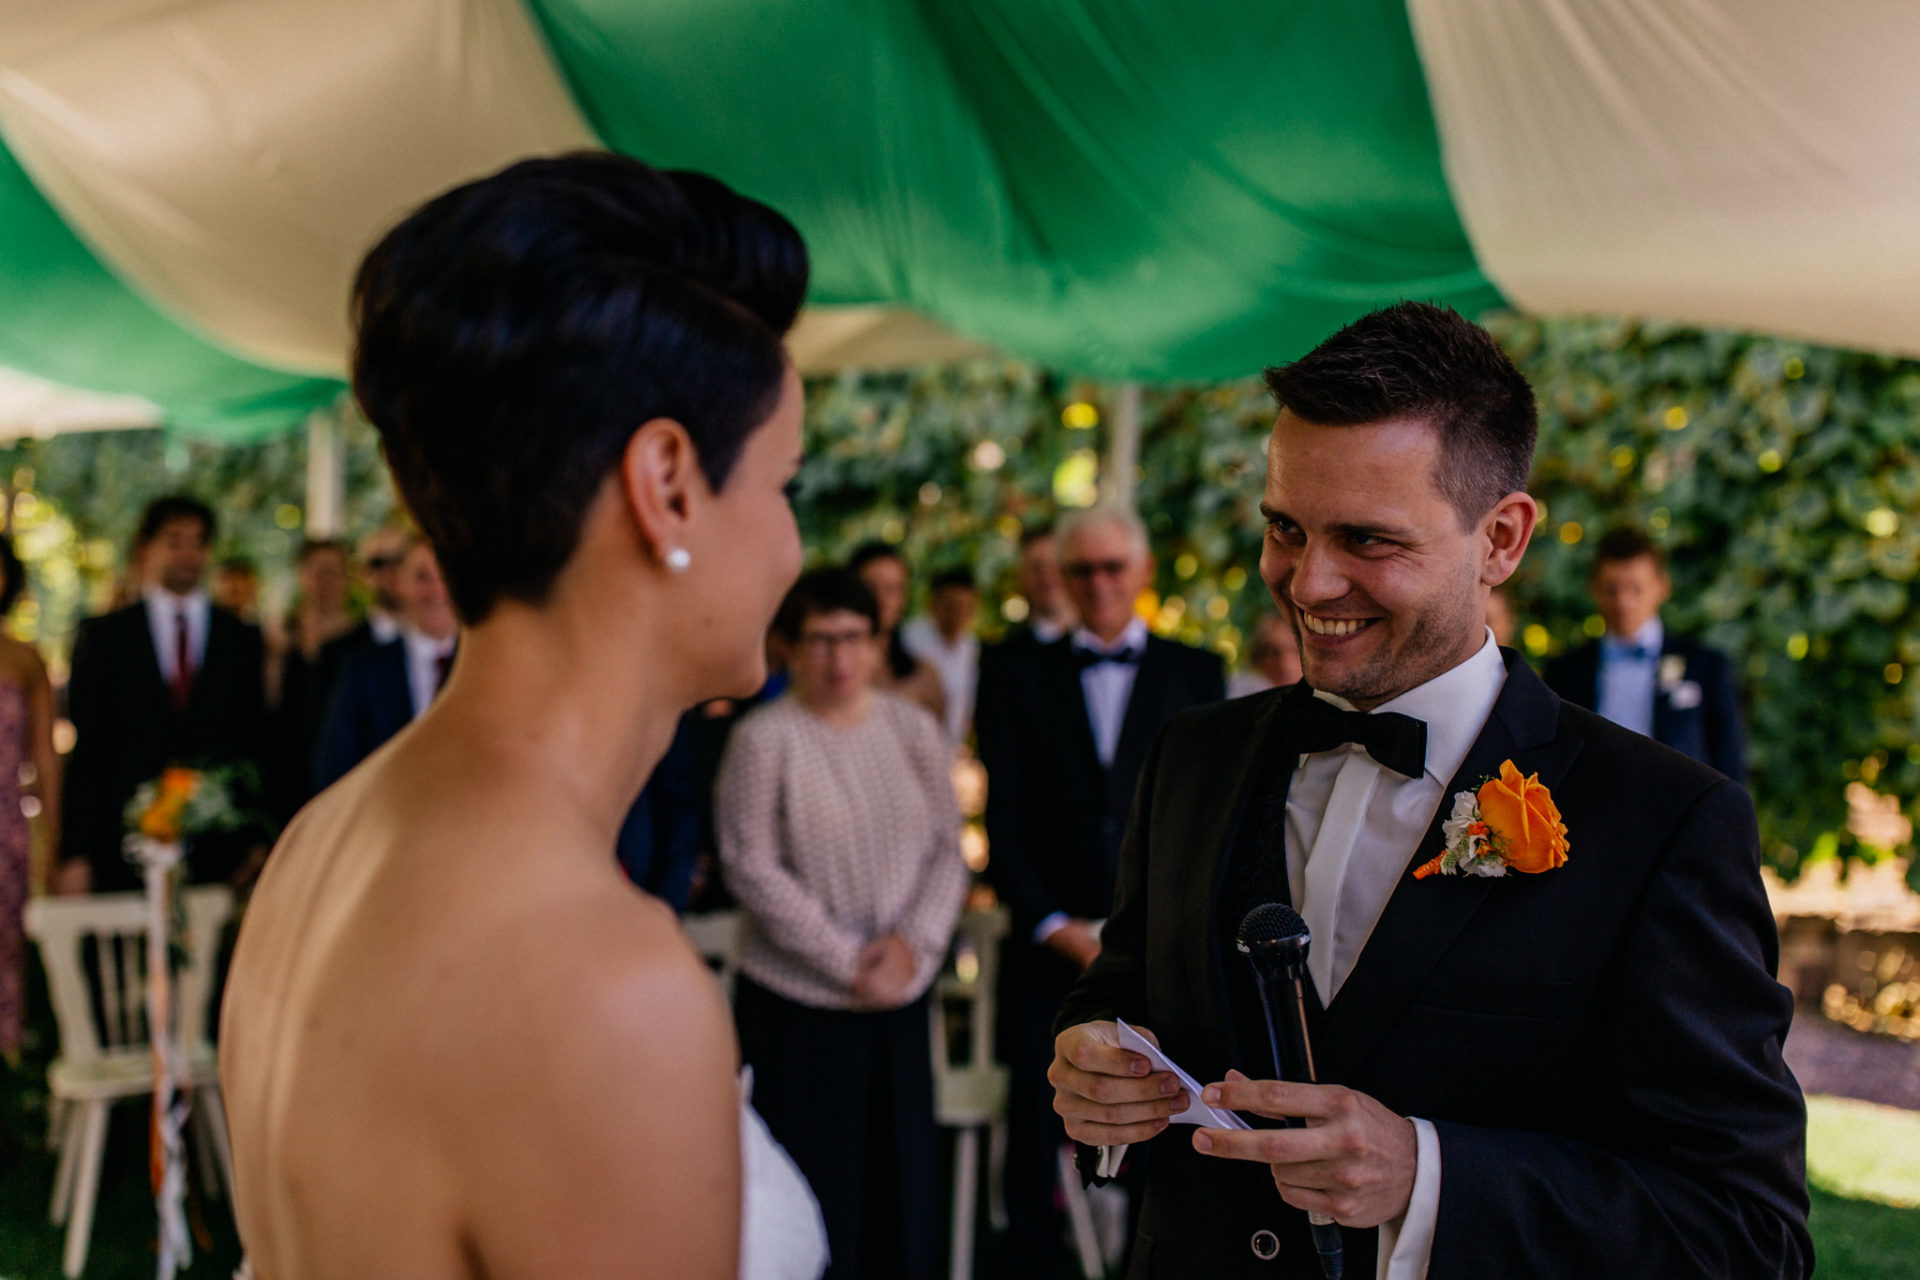 Weingut Fitz Ritter Hochzeitsfotograf-heiraten Pfalz-Sommerhochzeit Freie Trauung Treueeid